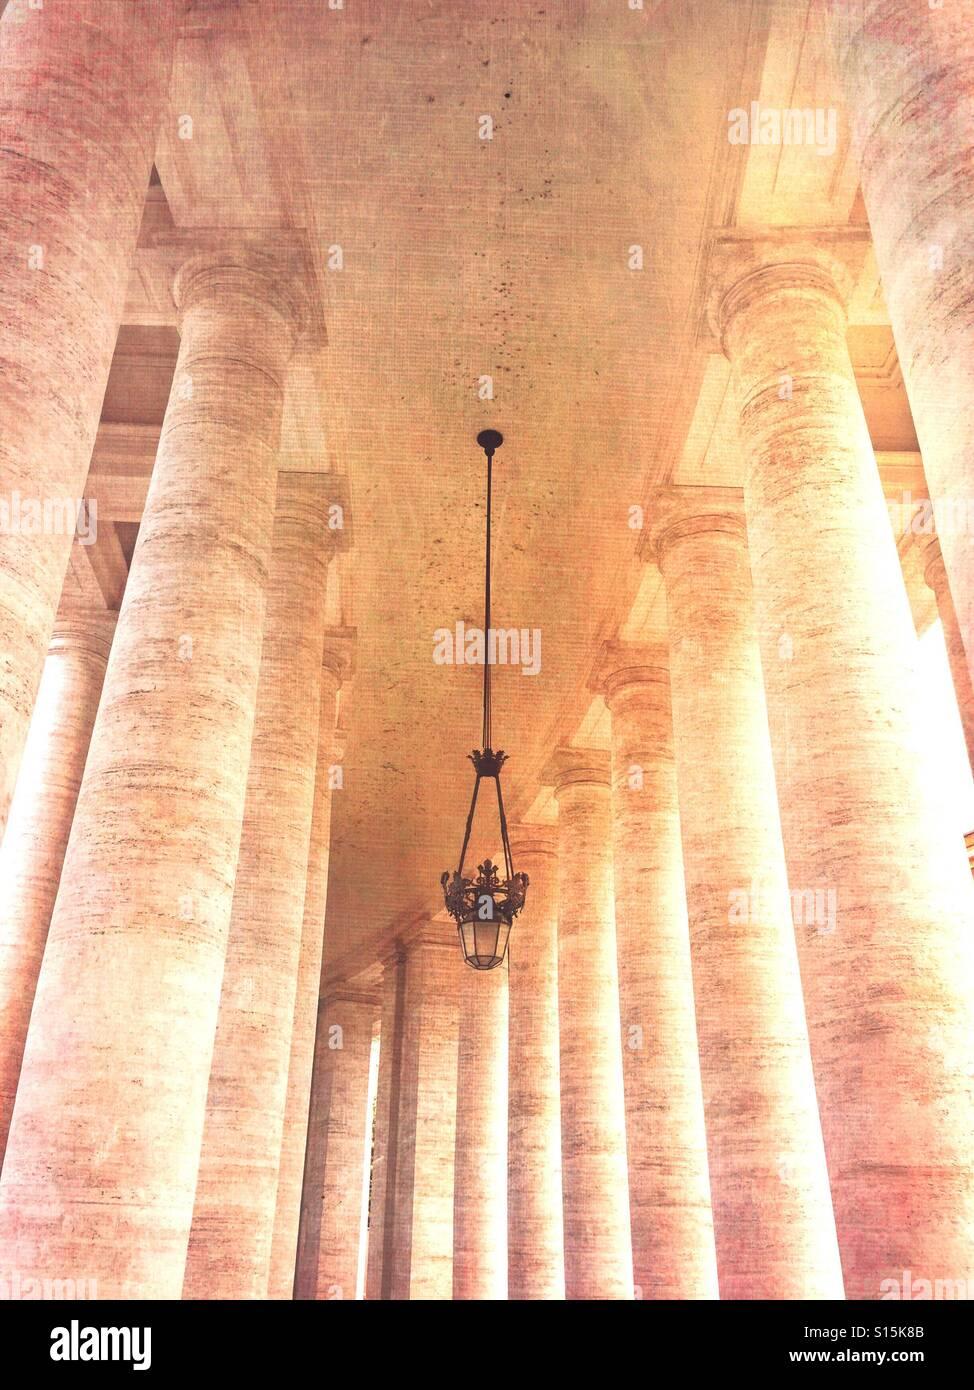 Ciudad del Vaticano - Vista de la columnata de la plaza de San Pedro. Vintage Textura de papel superpuestas. Foto de stock